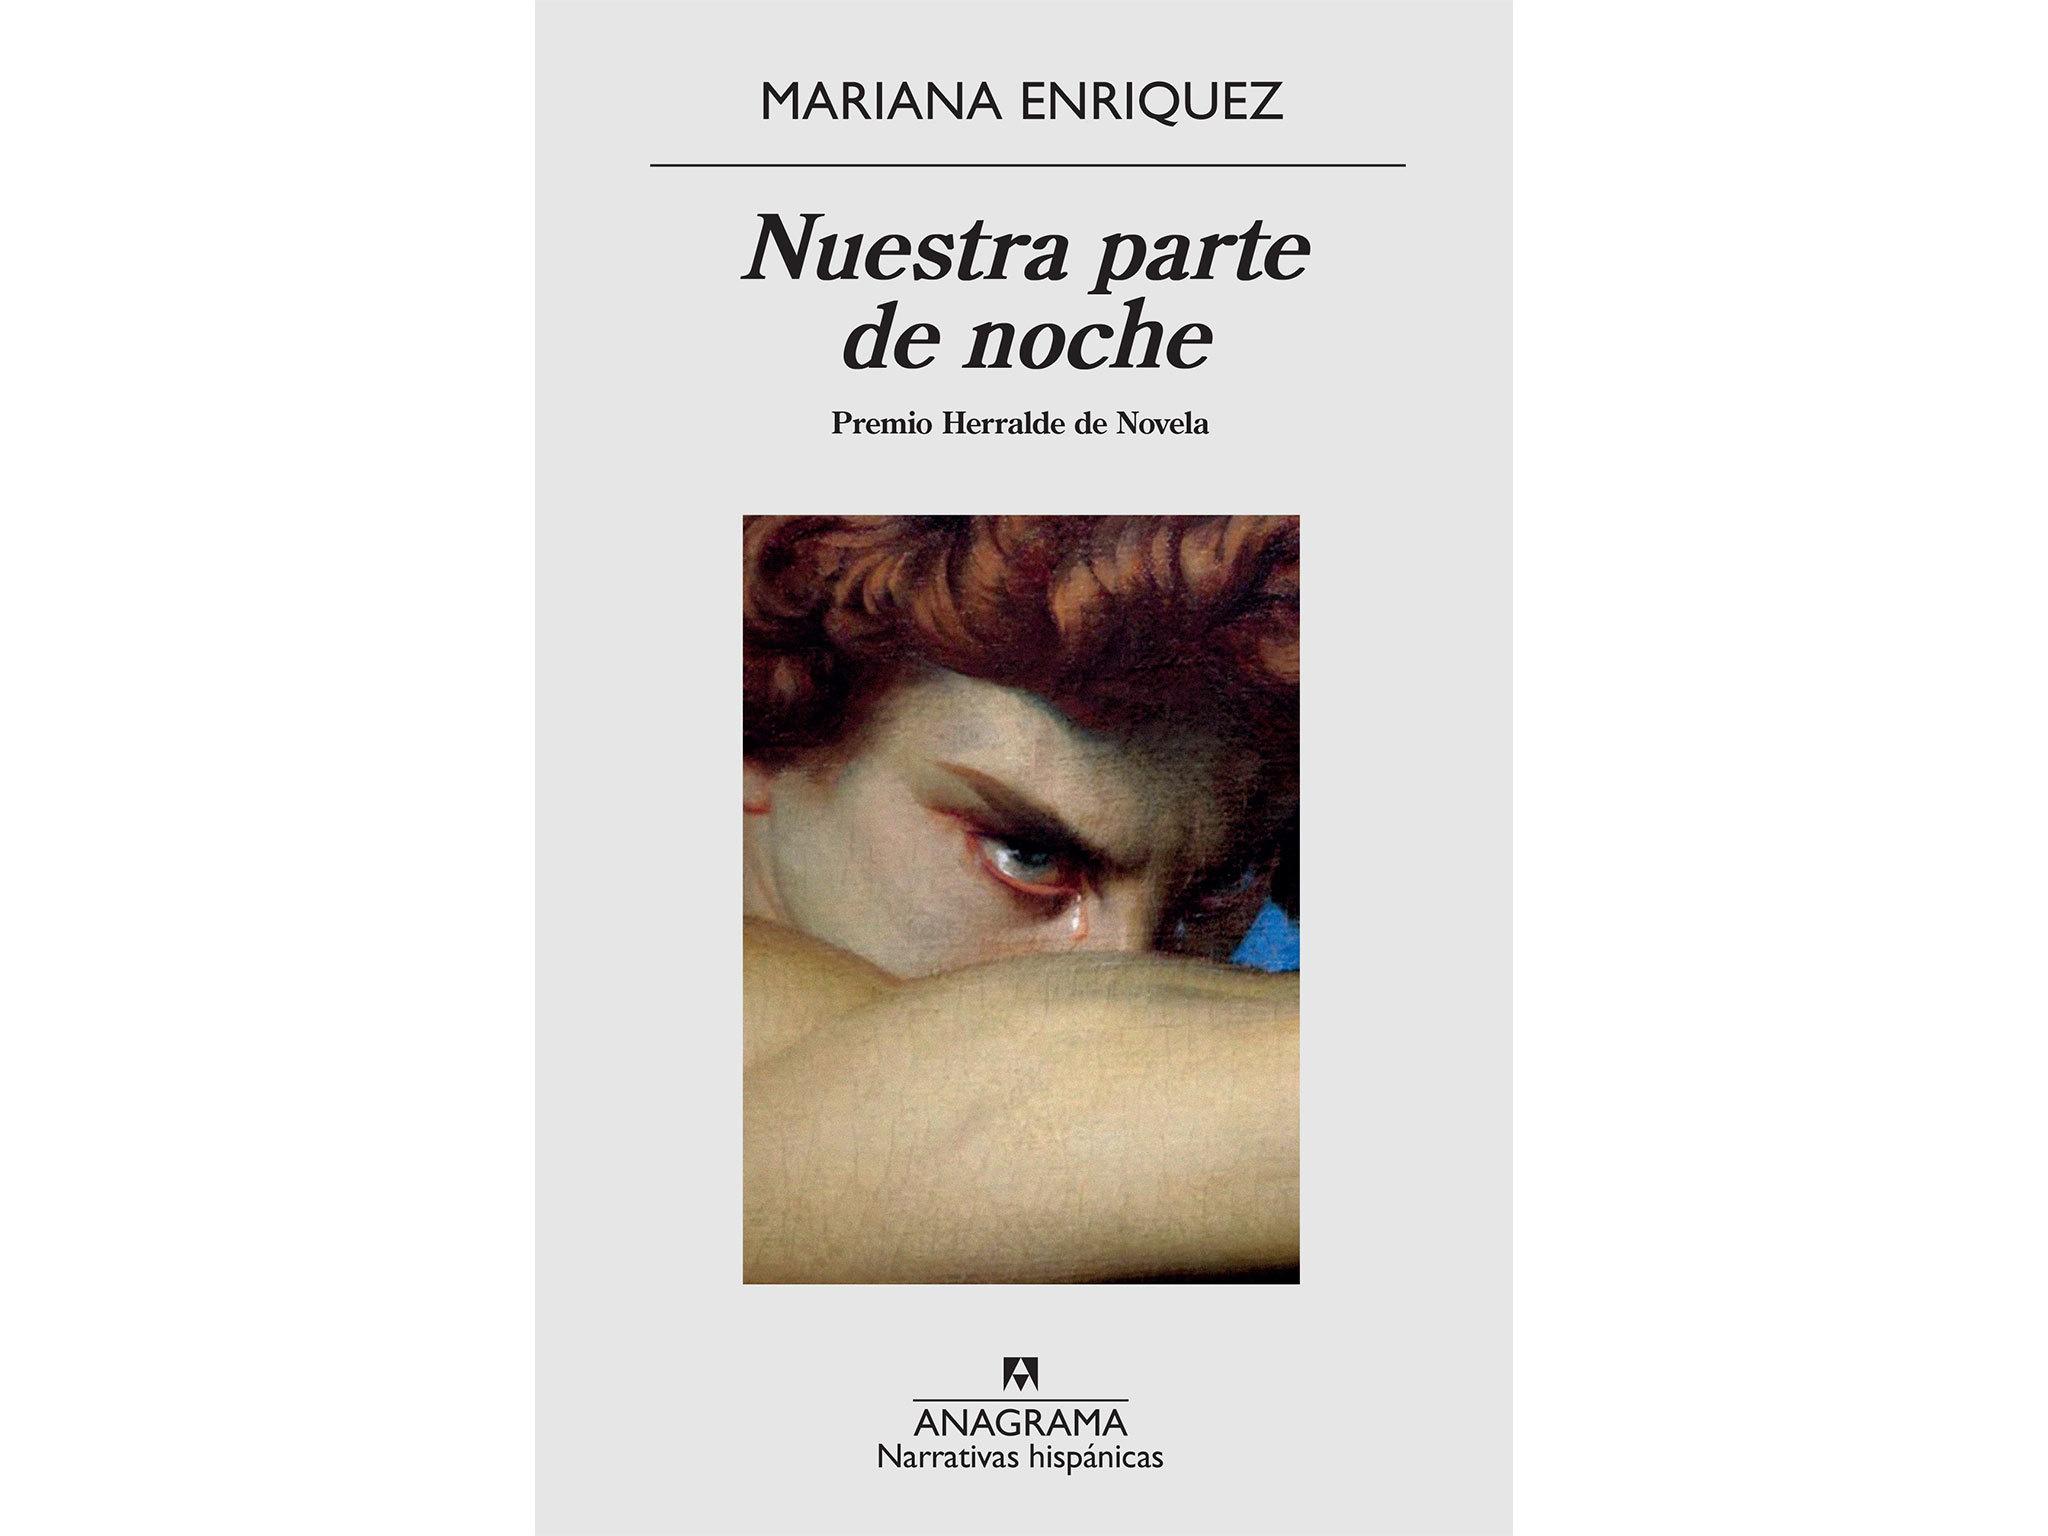 Nuestra parte de noche, Mariana Enríquez